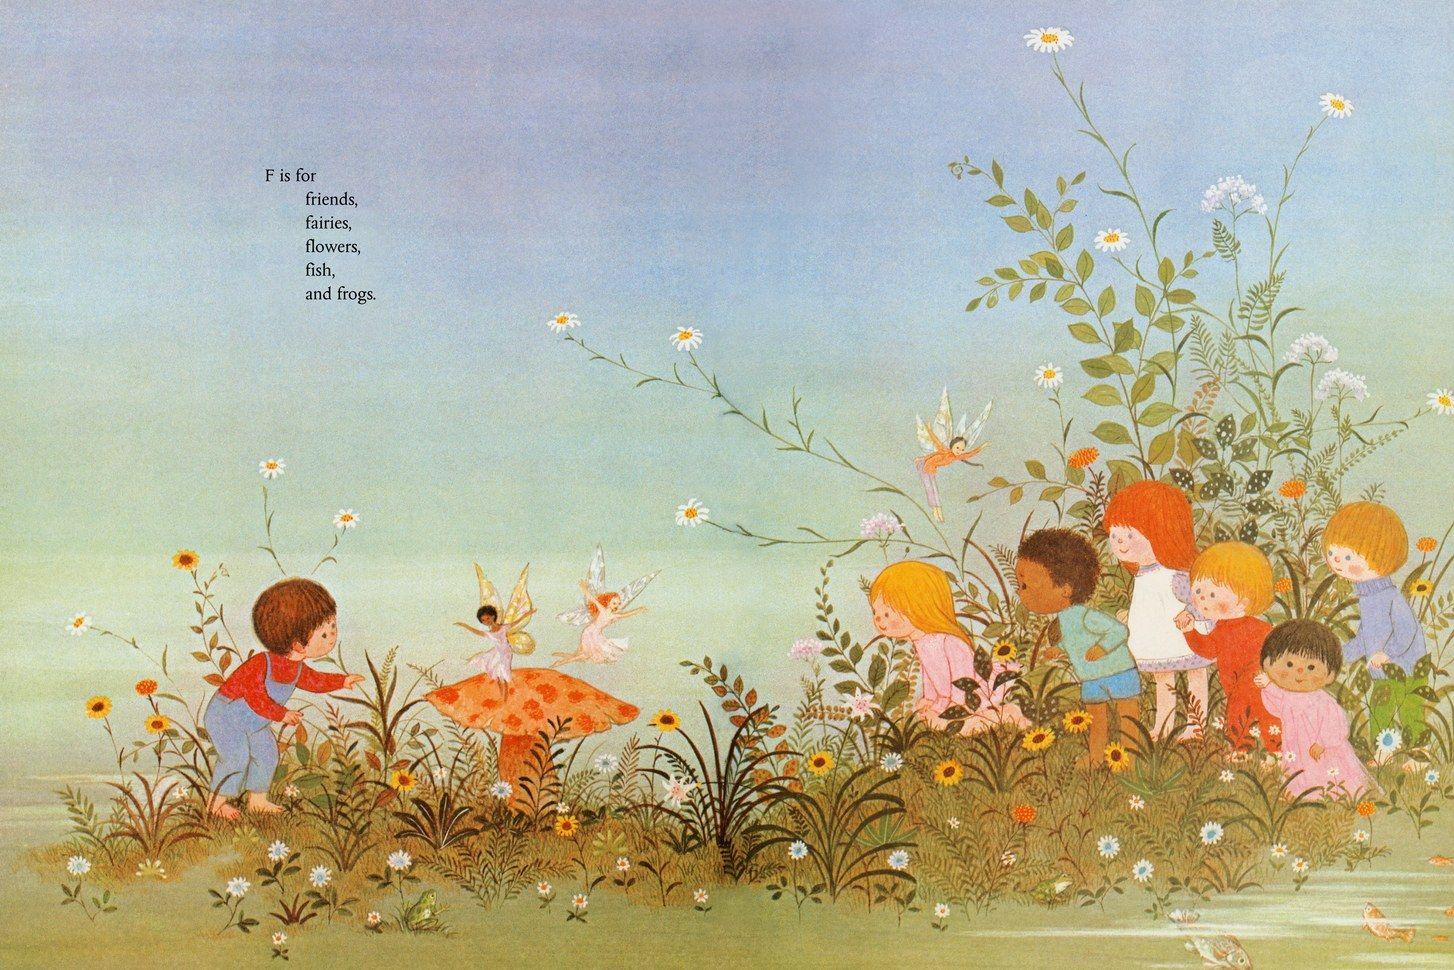 How gyo fujikawa drew freedom in childrens books